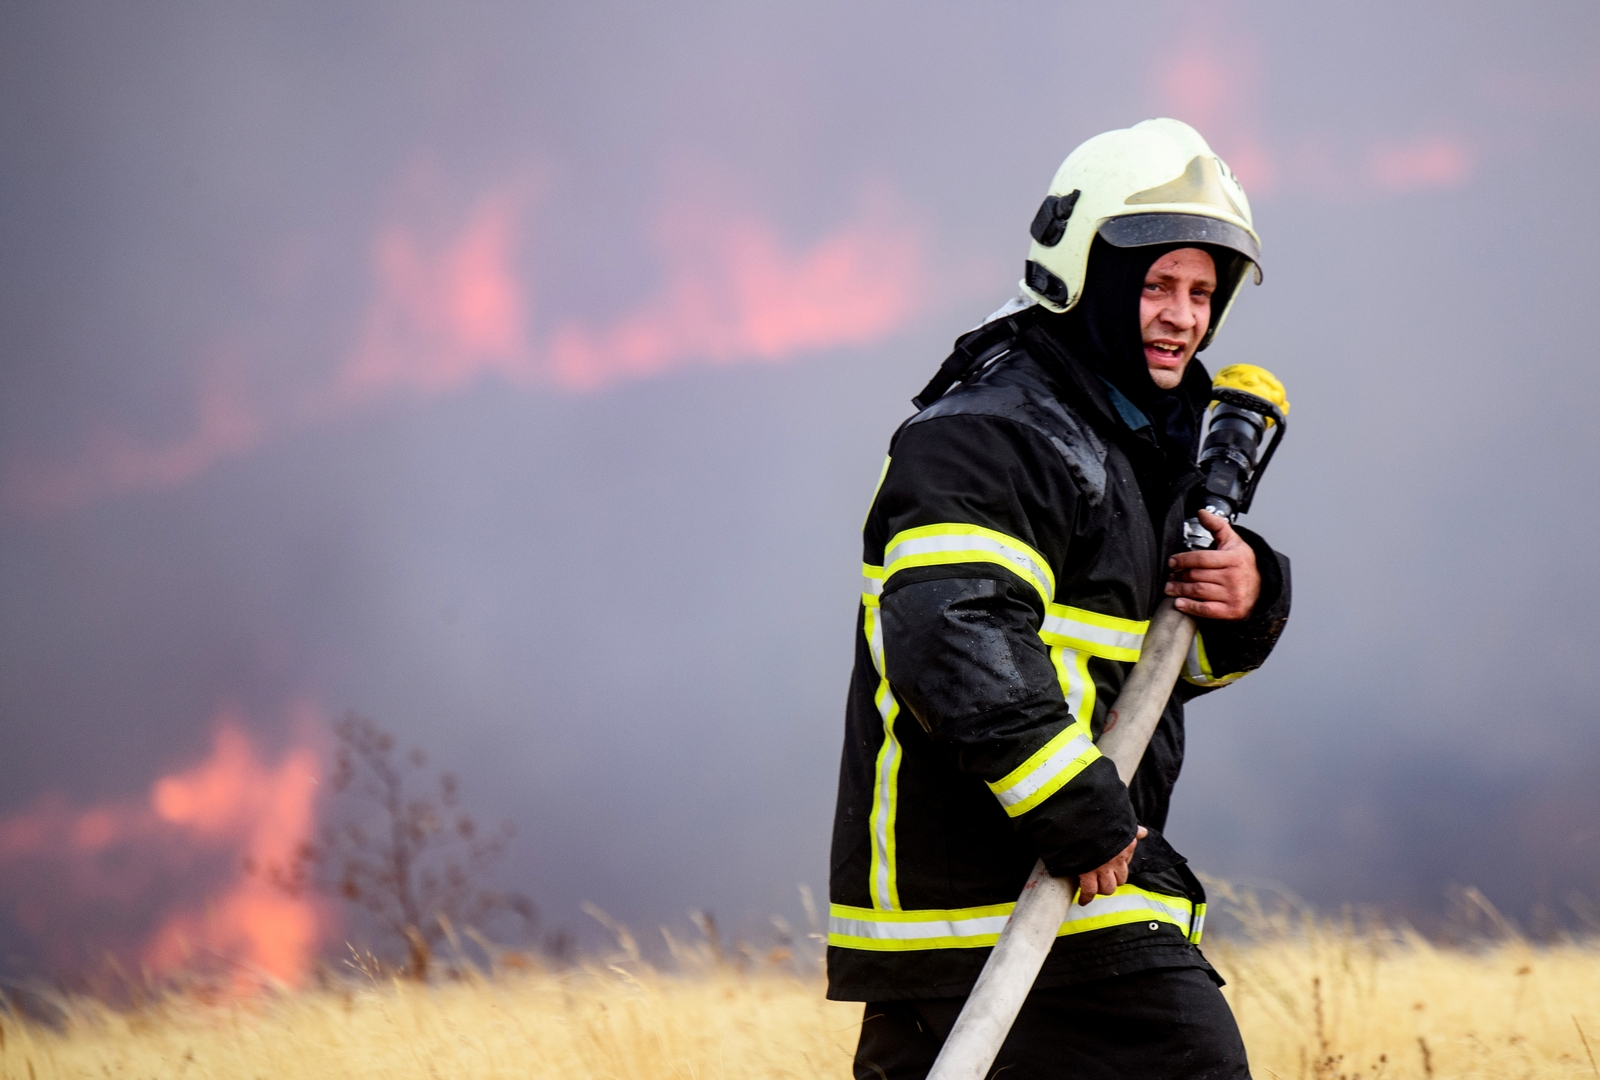 وزير الطوارئ الروسي: هناك زيادة في المخاطر الطبيعية بروسيا بسبب تغير المناخ